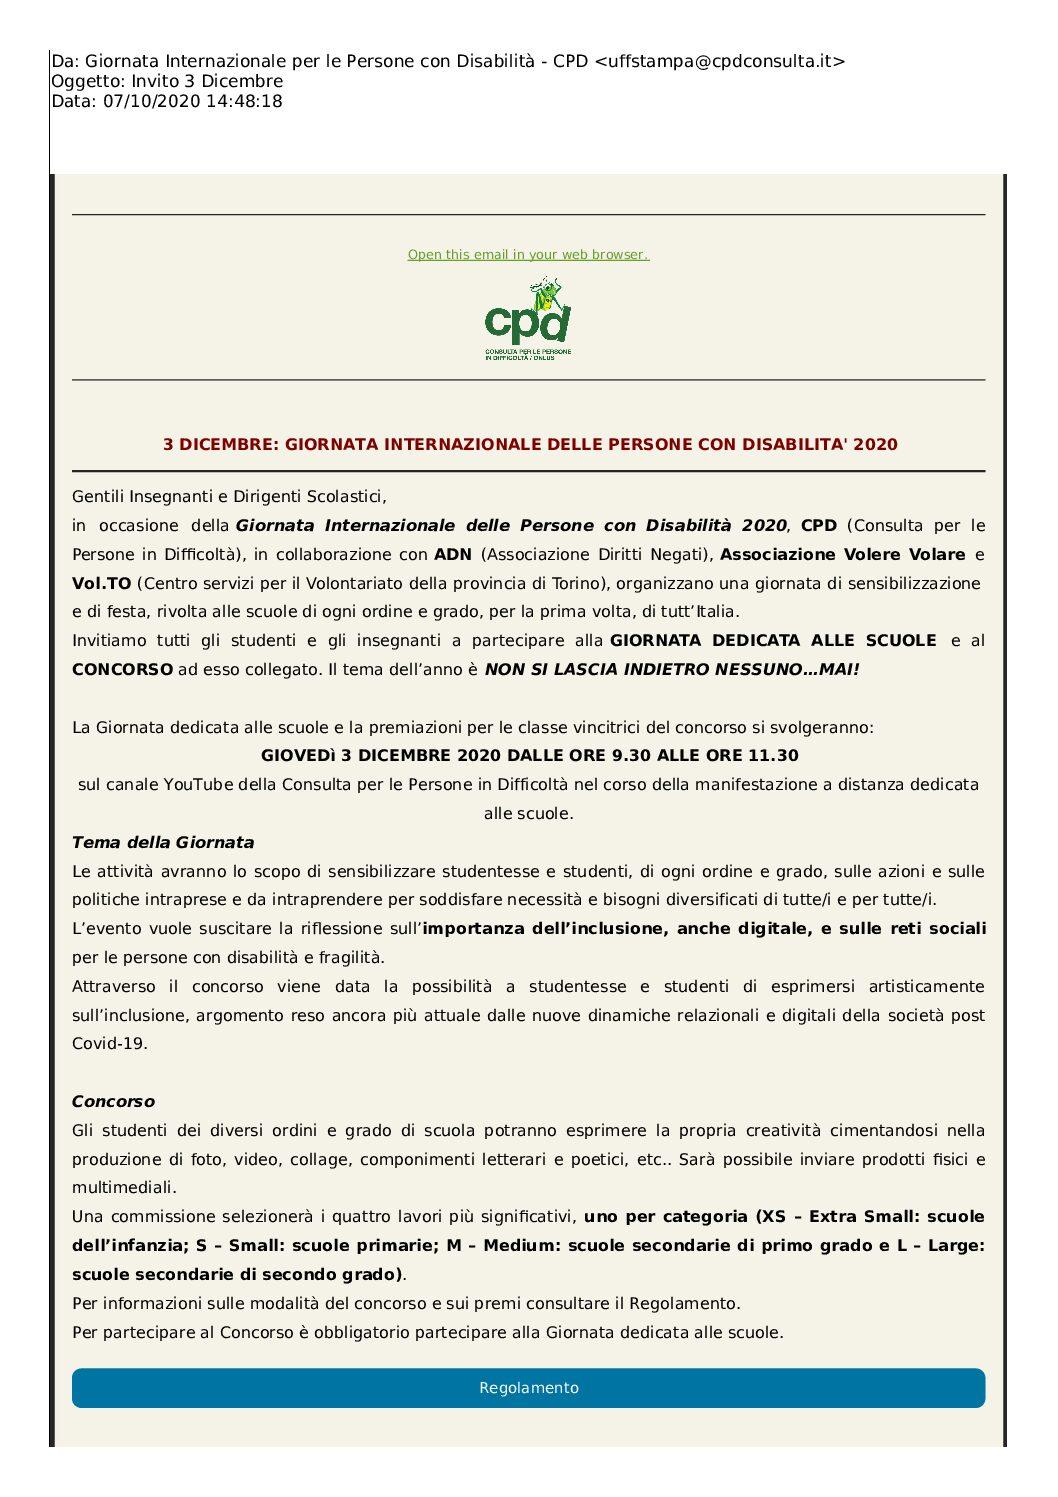 3 DICEMBRE: GIORNATA INTERNAZIONALE DELLE PERSONE CON DISABILITA' 2020